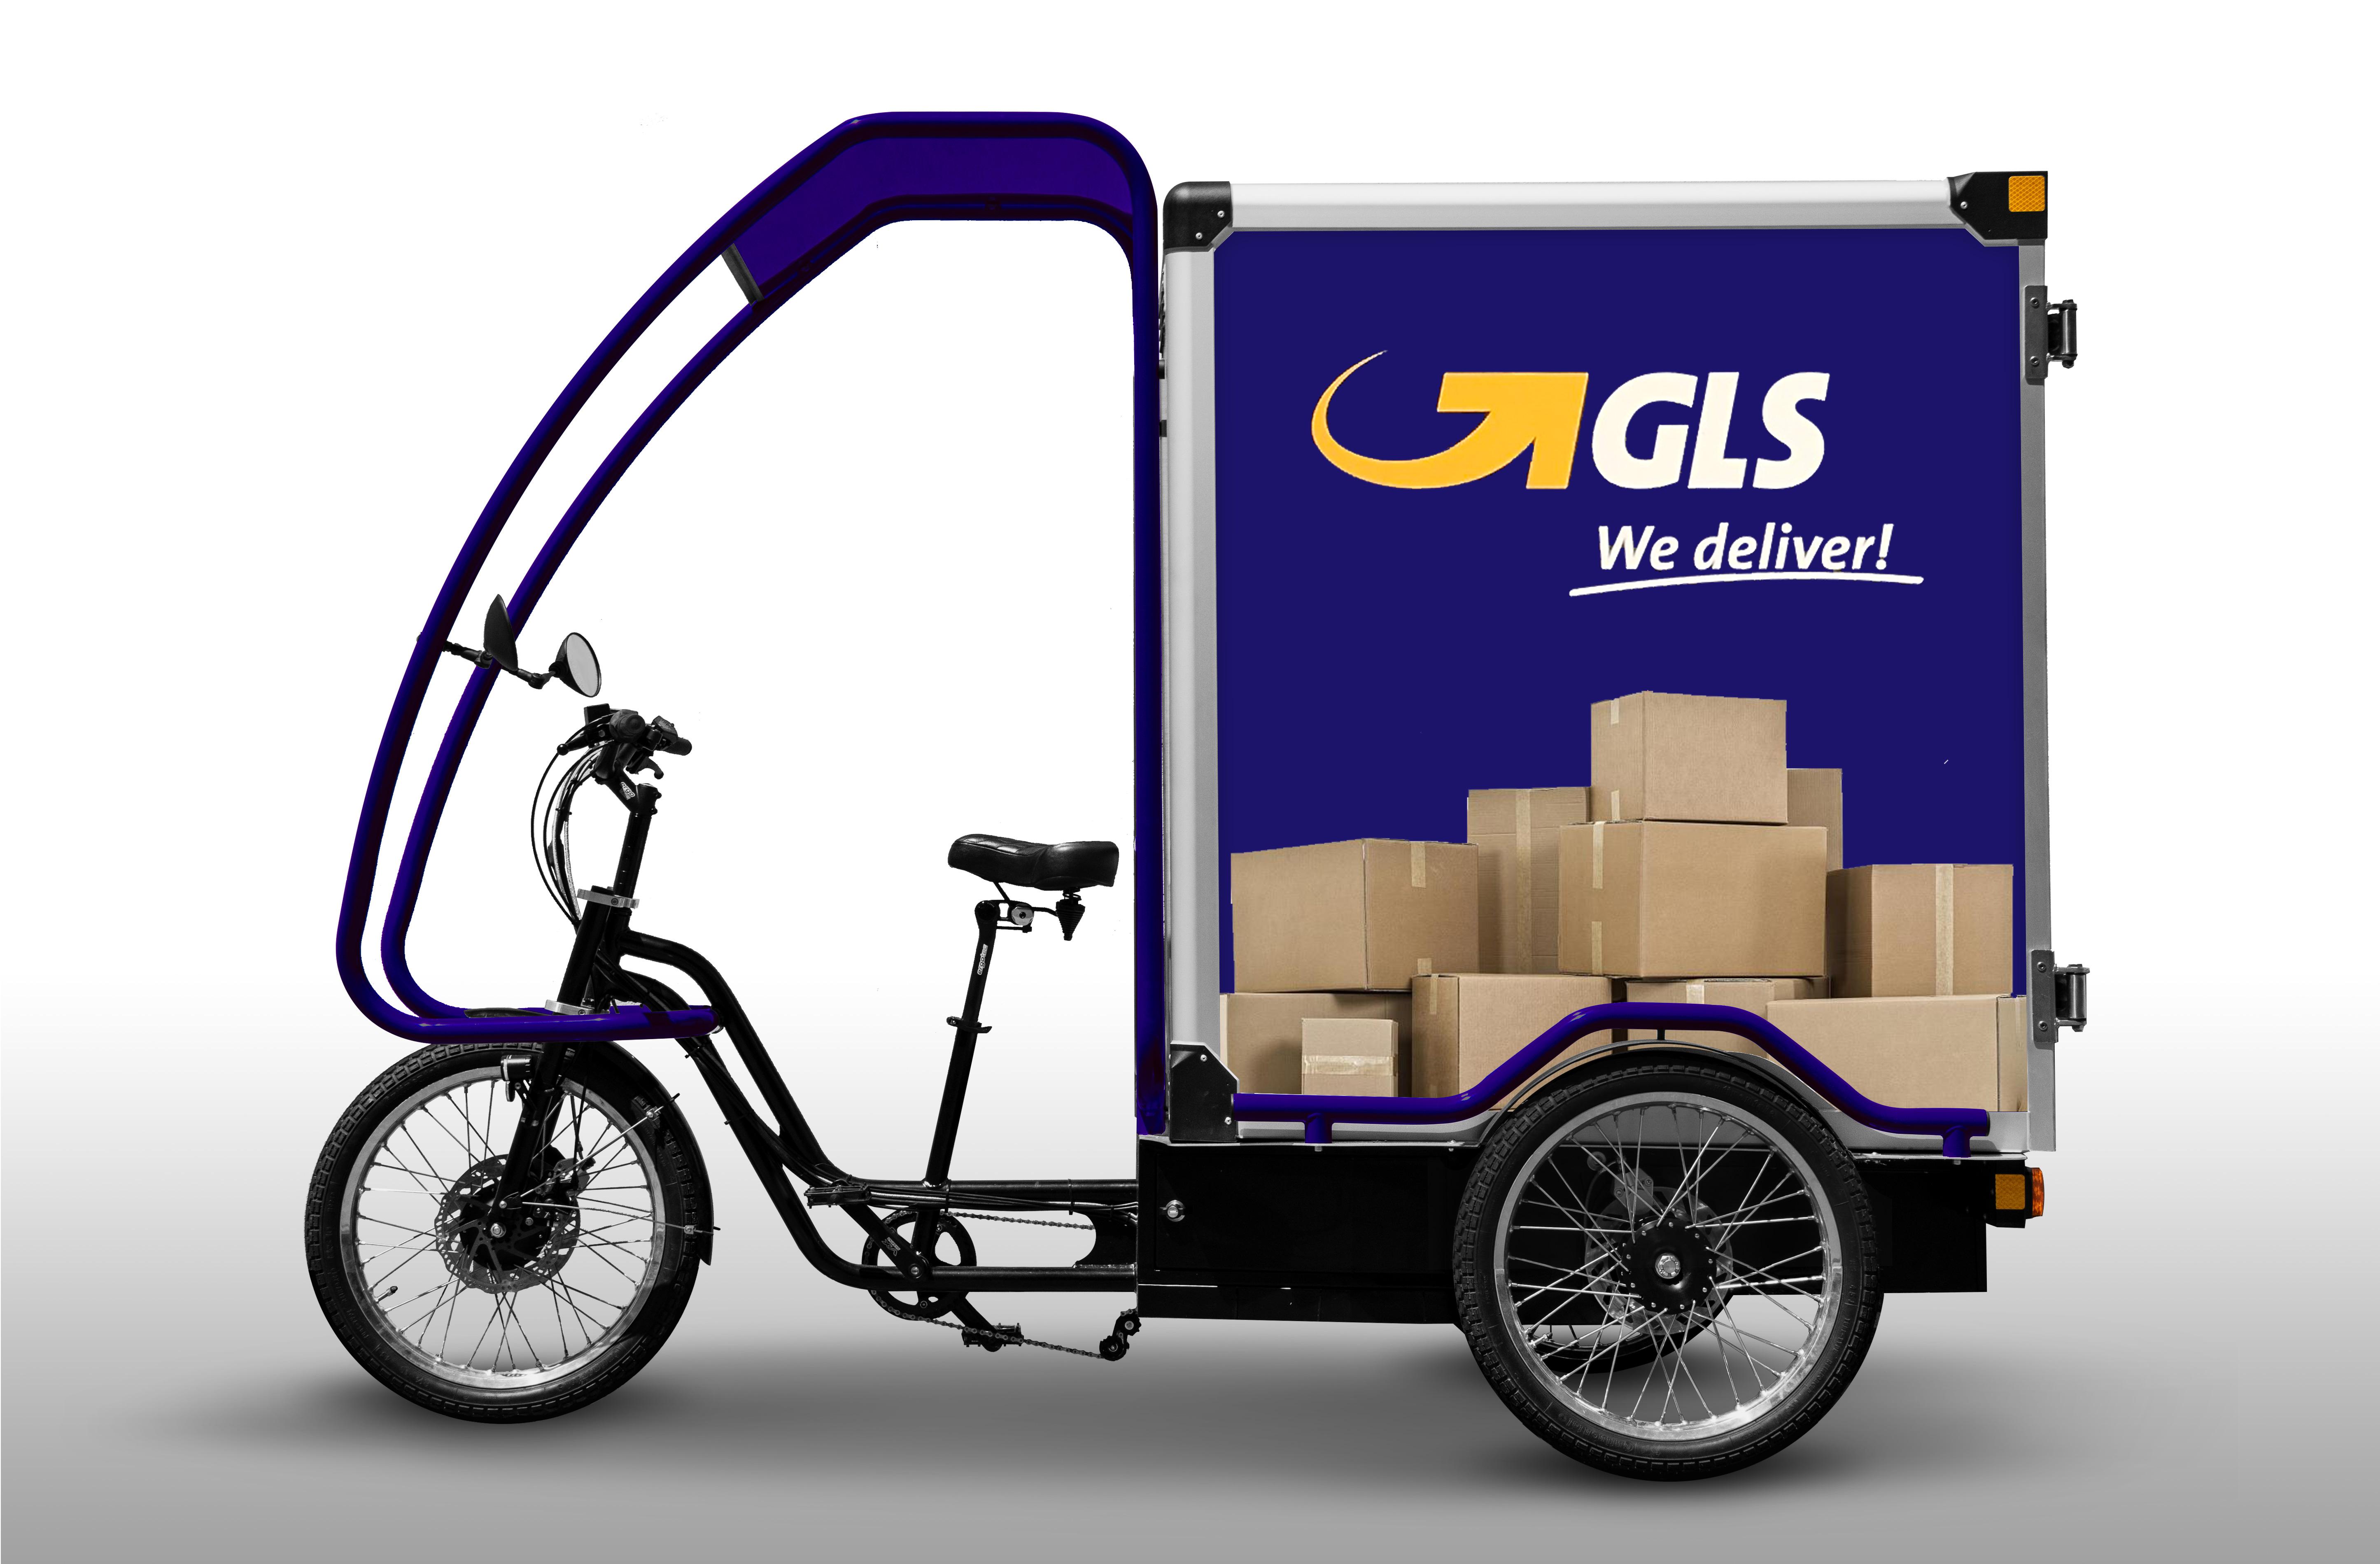 BRING S GLS Edition Vollaustattung mit FLEXBOX / Power Station / Branding / Colour